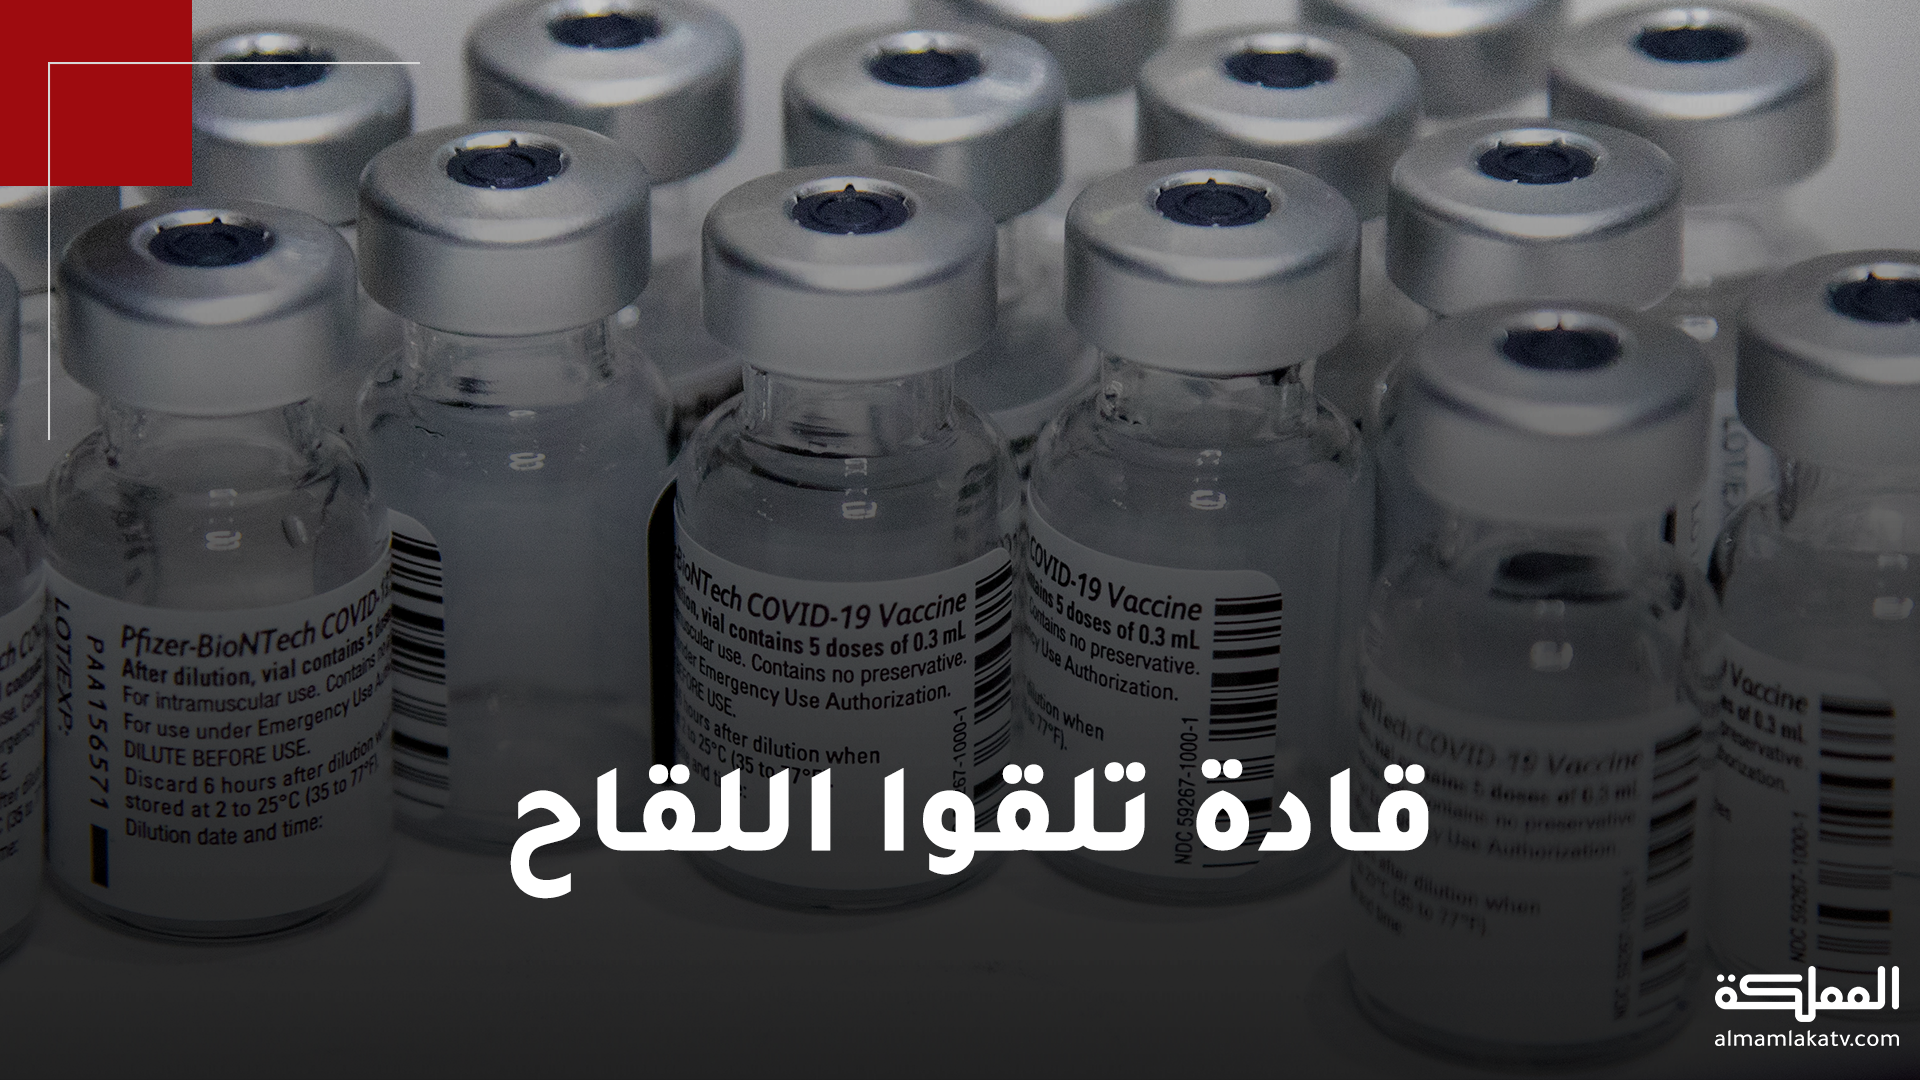 تعرفوا على أبرز القادة والمسؤولين الذين تلقوا لقاحات فيروس كورونا عربيا وعالميا